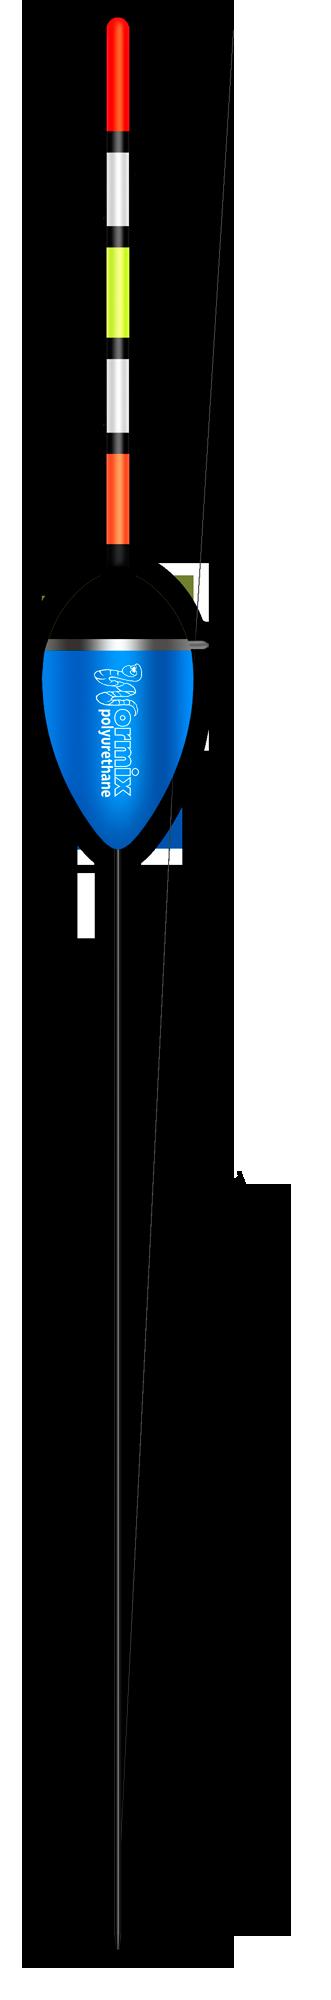 Поплавок Wormix полиуретановый 811 - 5 гр